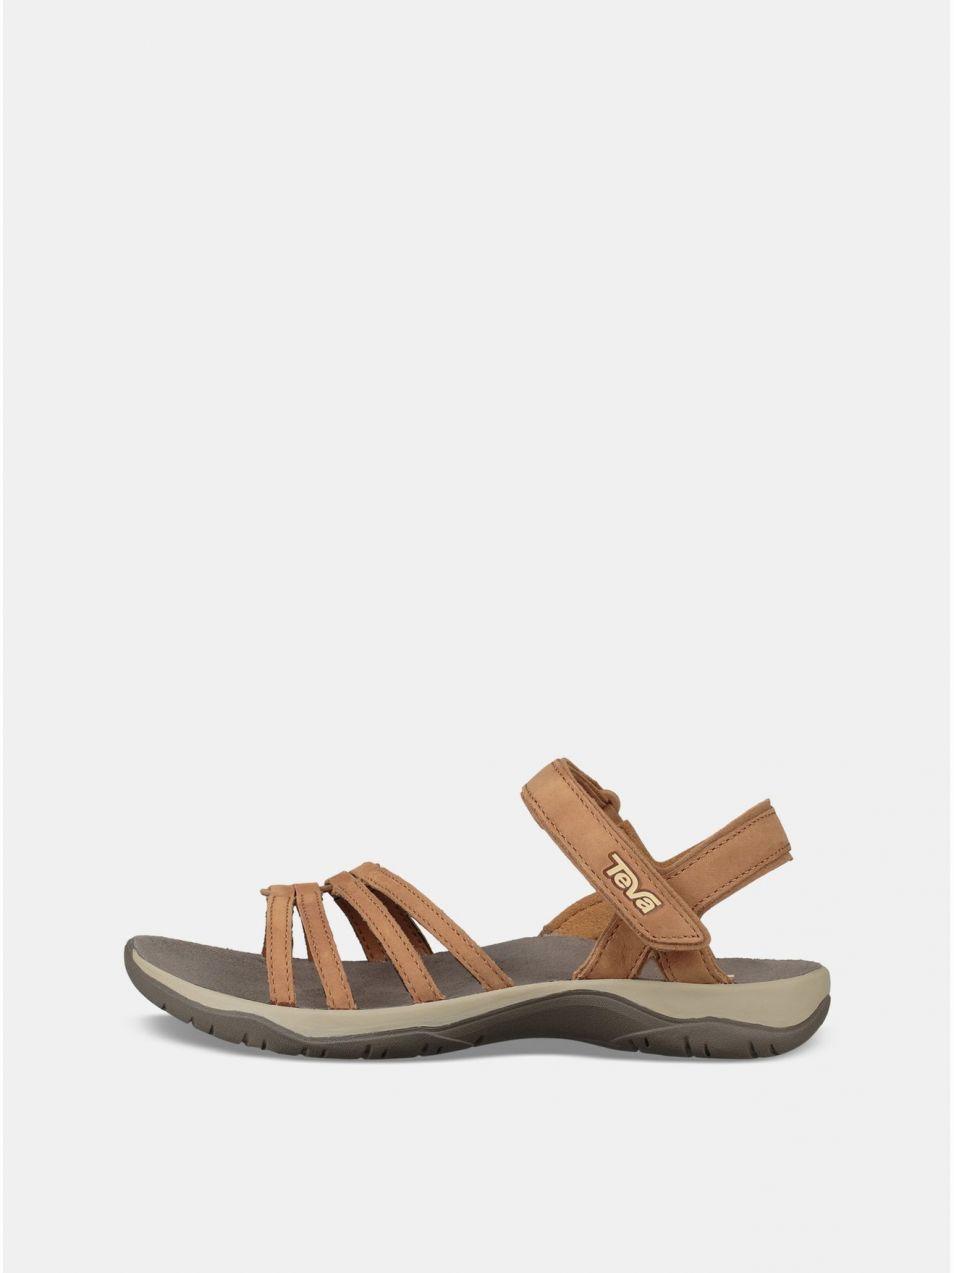 50abef285f Hnedé dámske kožené sandále Teva značky Teva - Lovely.sk